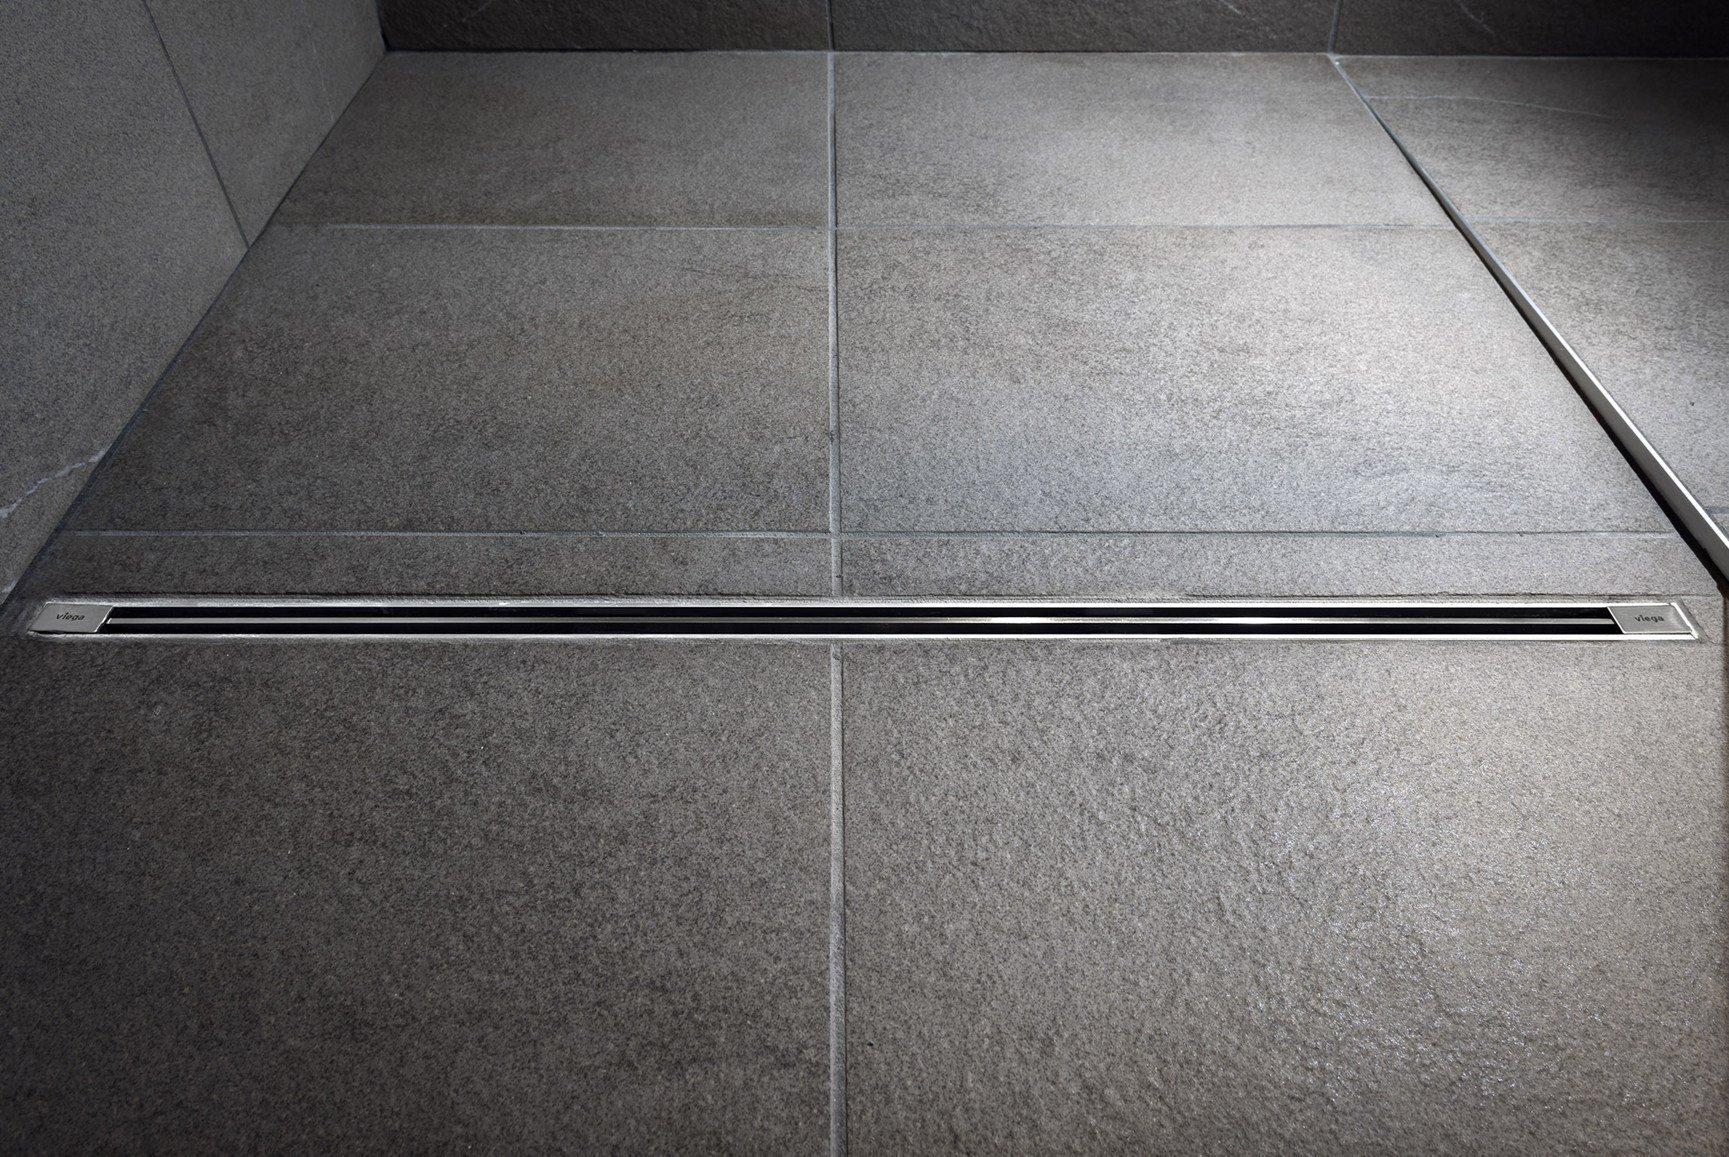 Трап для душа в полу под плитку: правильный монтаж без ошибок